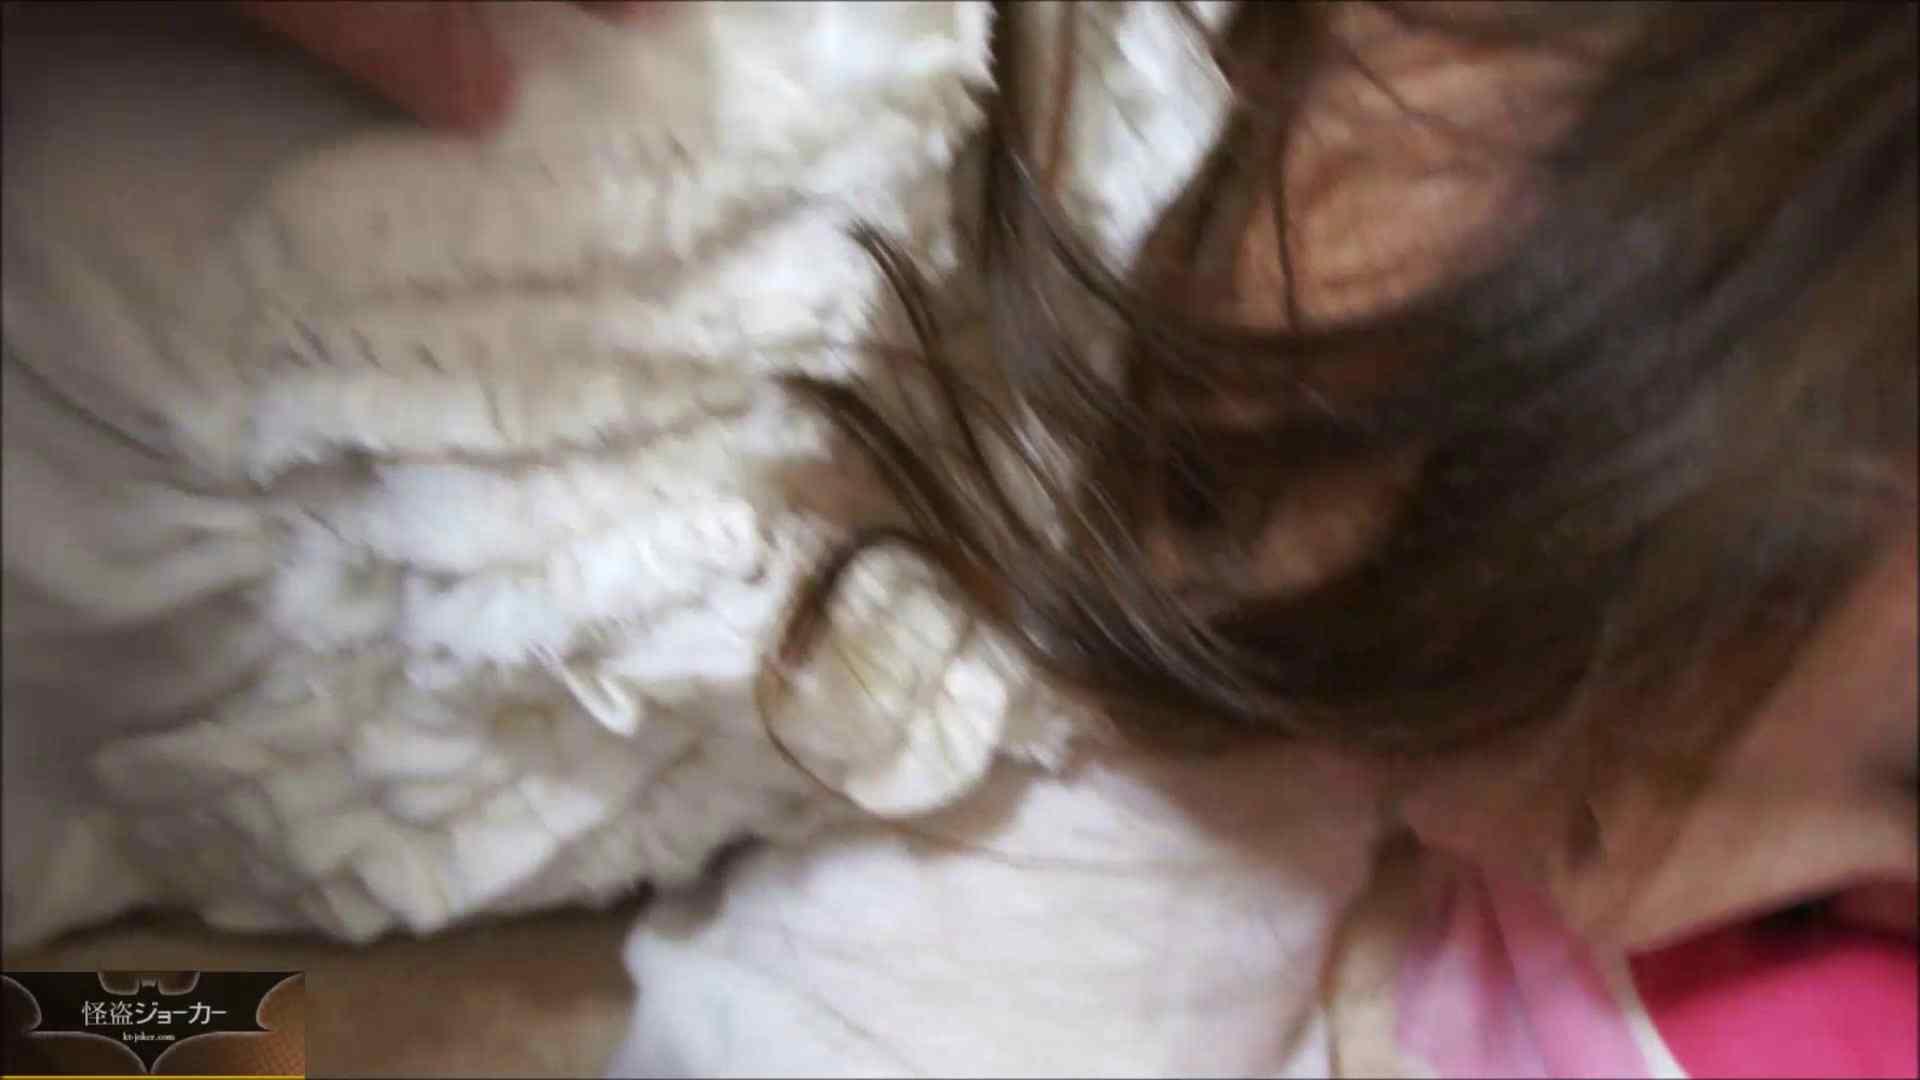 【未公開】vol.23 ユリナ、寝取られのアト。 OLハメ撮り  107Pix 34